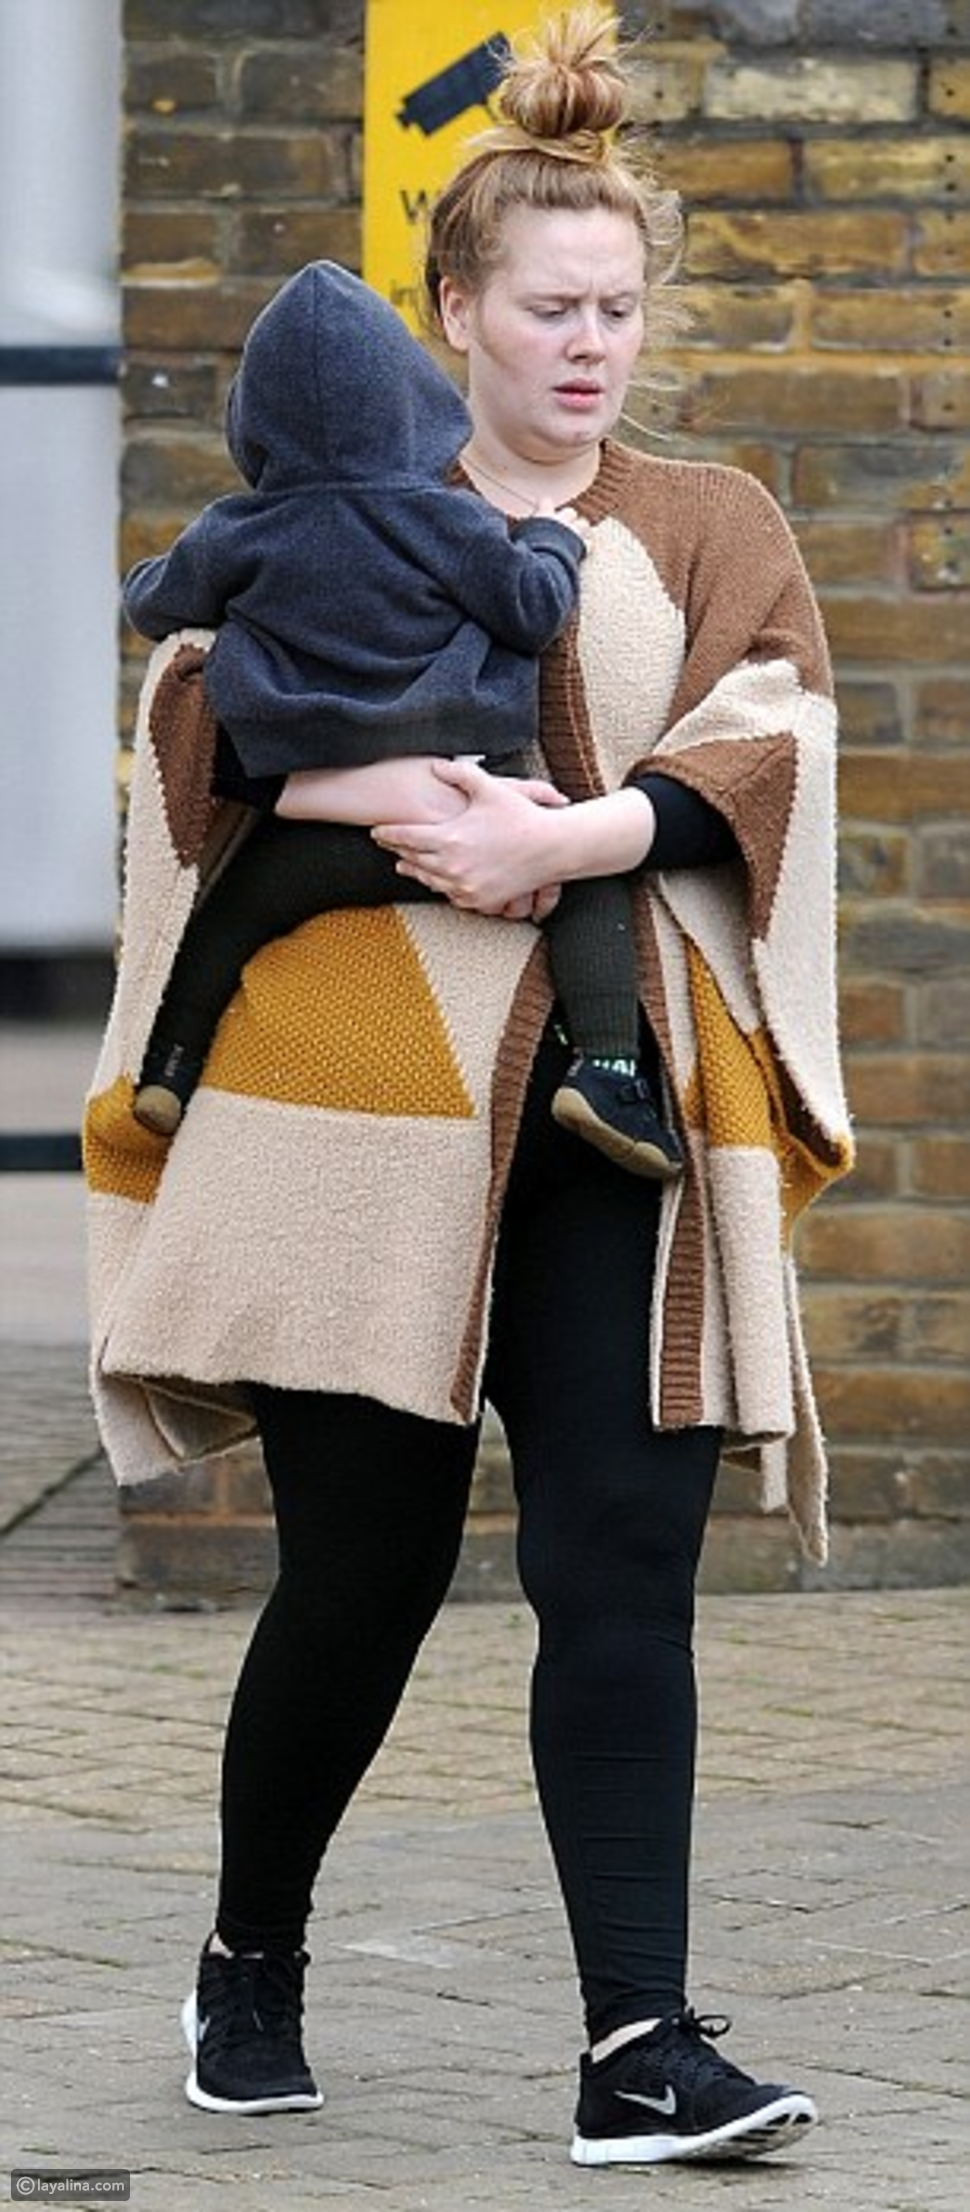 بالصور: إطلالة أديل بدون مكياج وبشعر منكوش تصدم جمهورها!